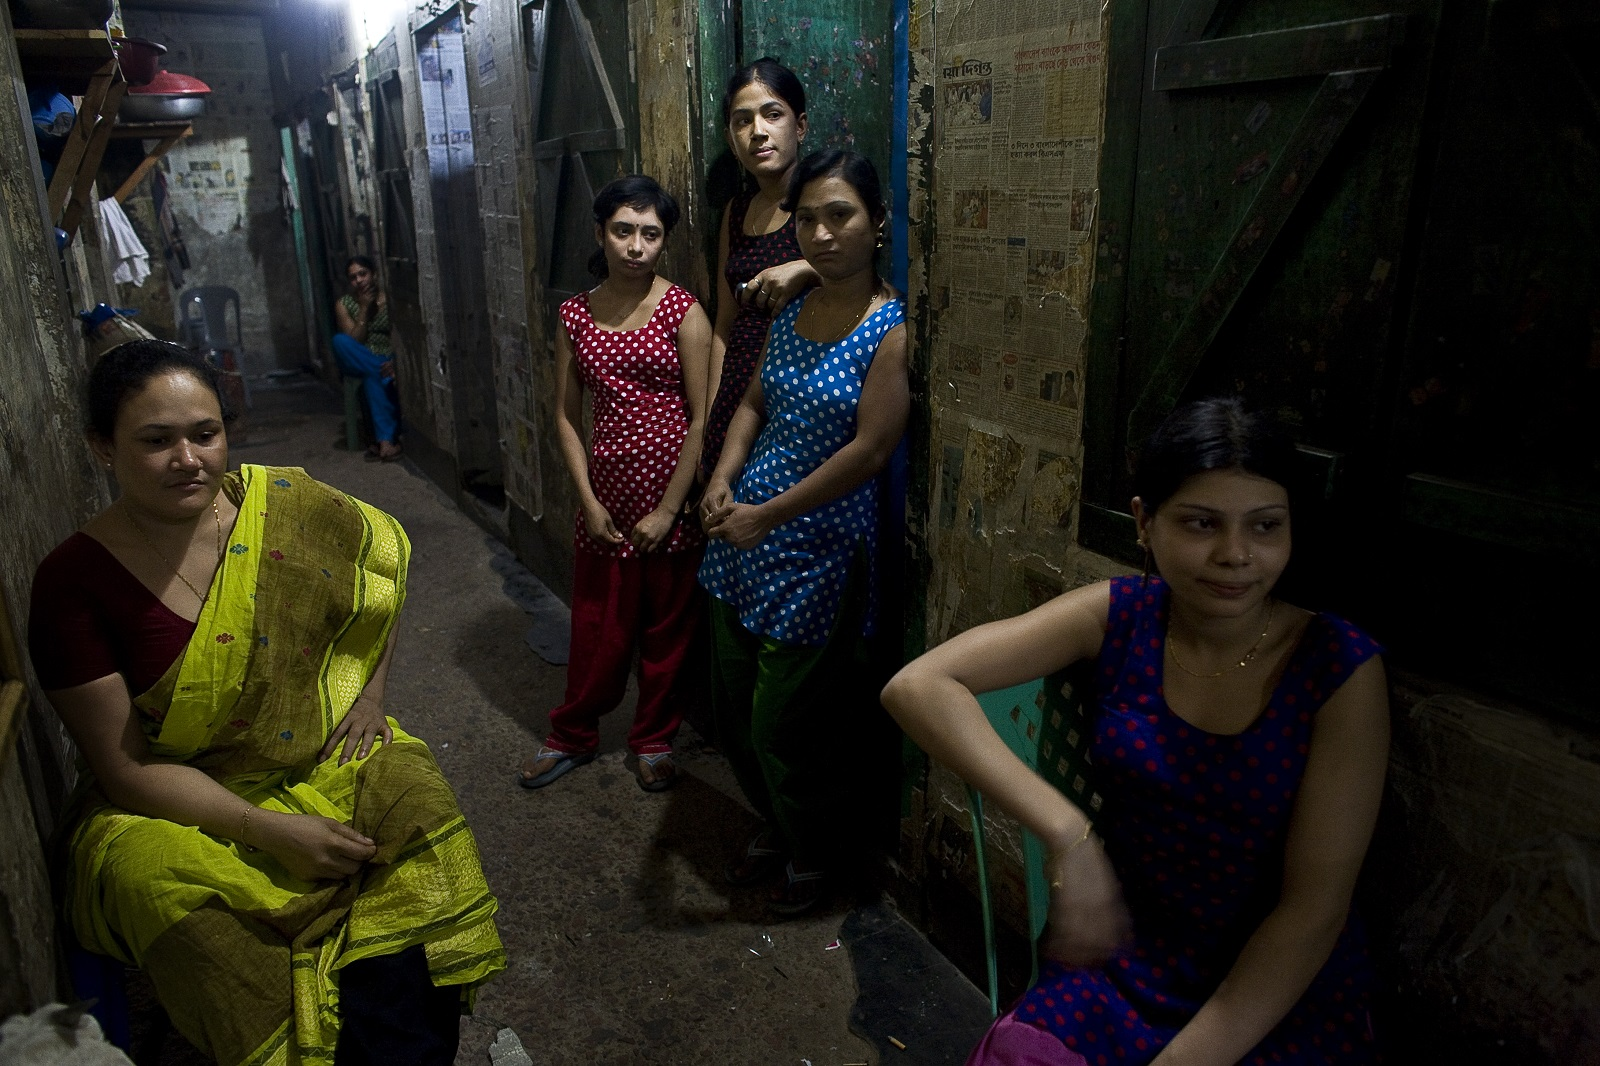 prostitution in india Prediksi argentina vs islandia 16 juni 2018 pukul 20:00 wib berita terkini ~ piala dunia 2018 di rusia bisa jadi merupakan kesempatan terakhir bagi.